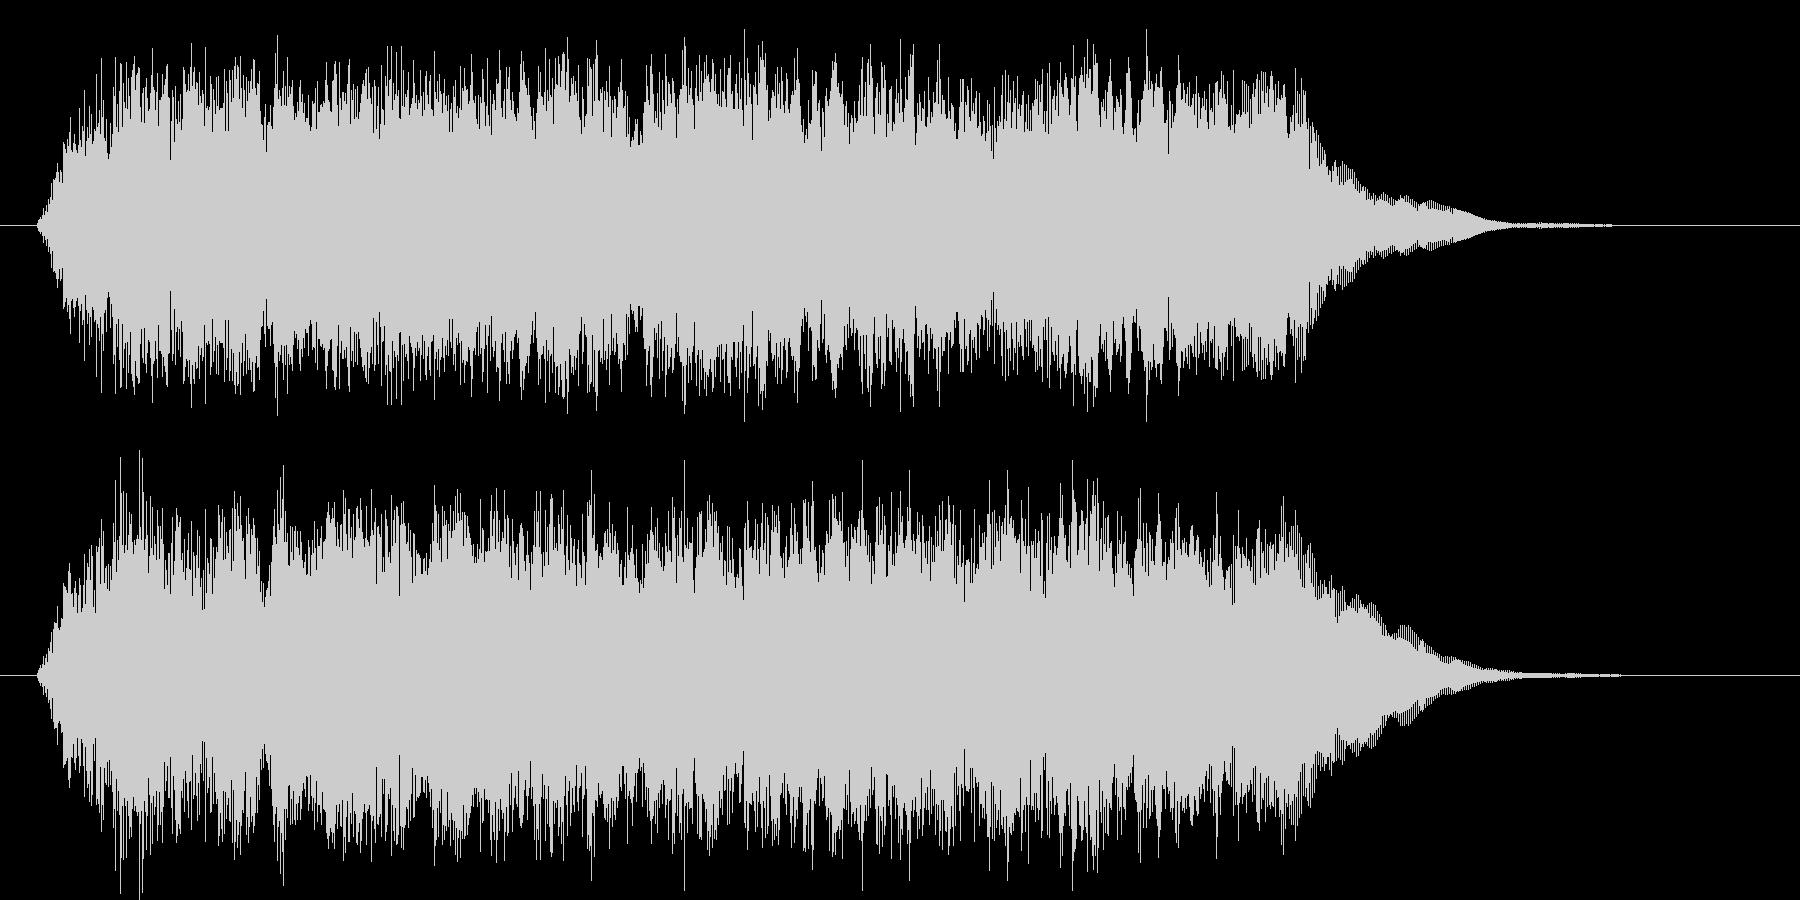 壮大でありトランペットが印象的なBGMの未再生の波形